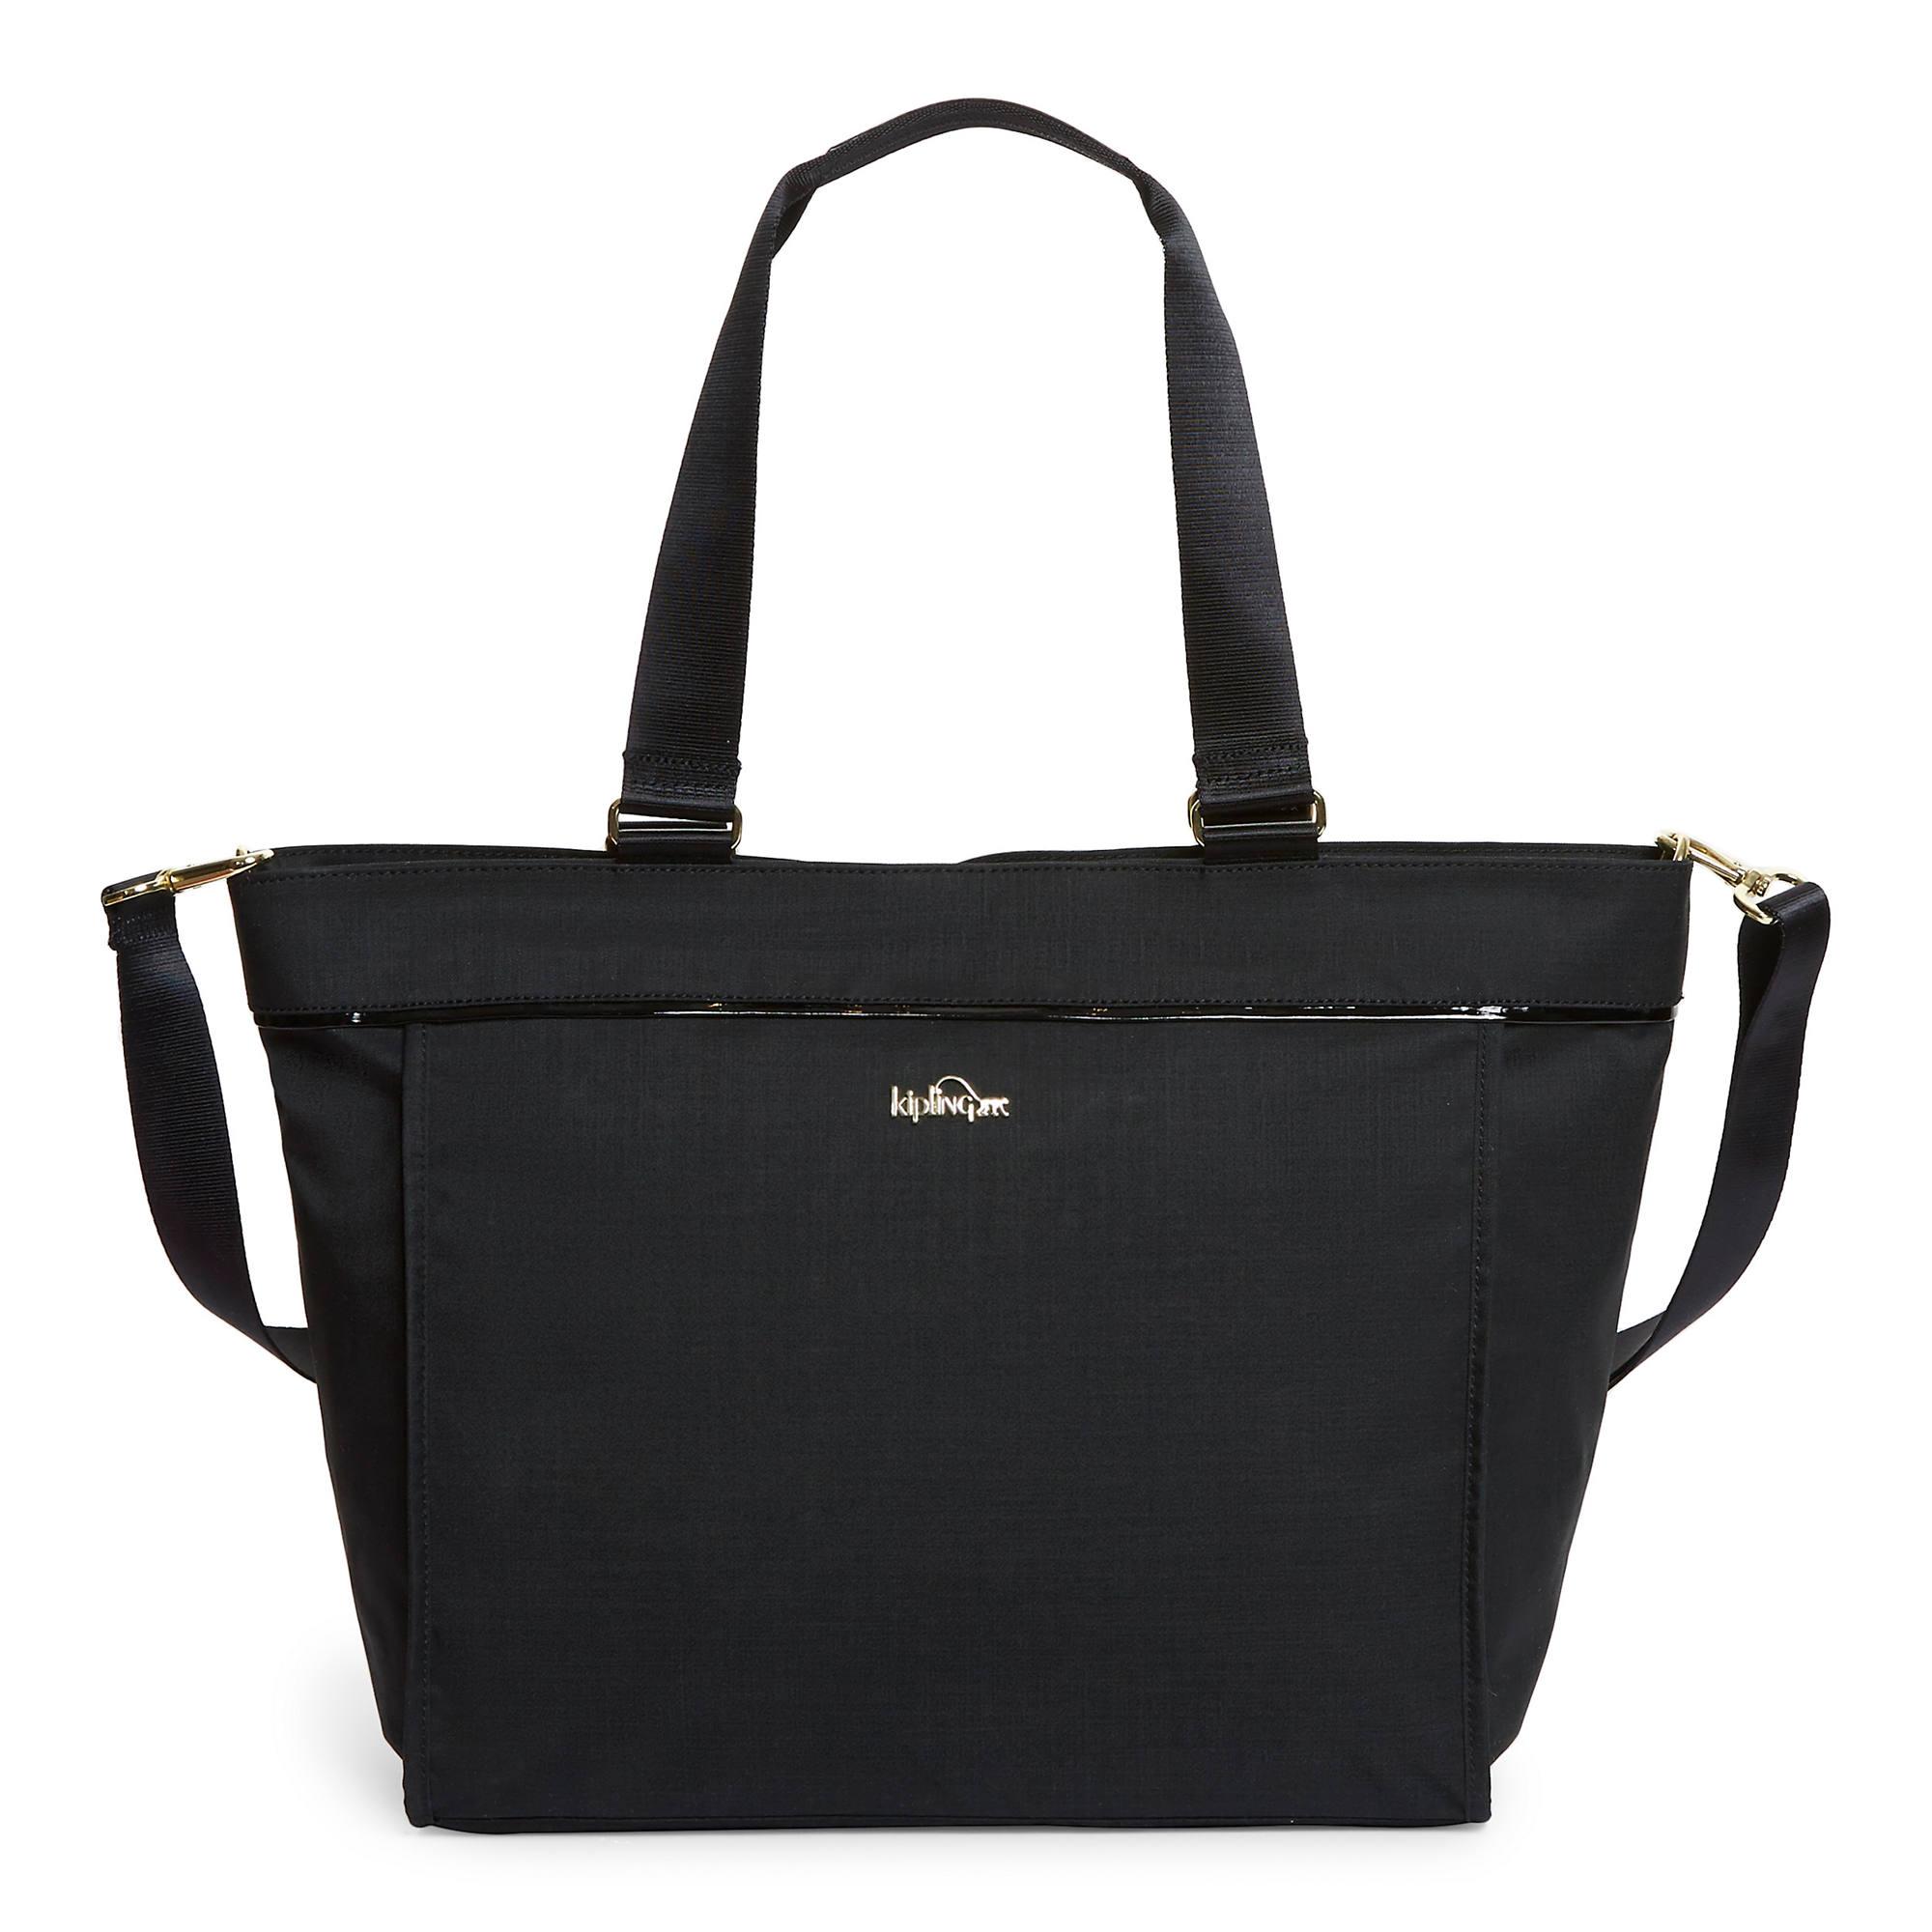 Handbags For Work | Kipling